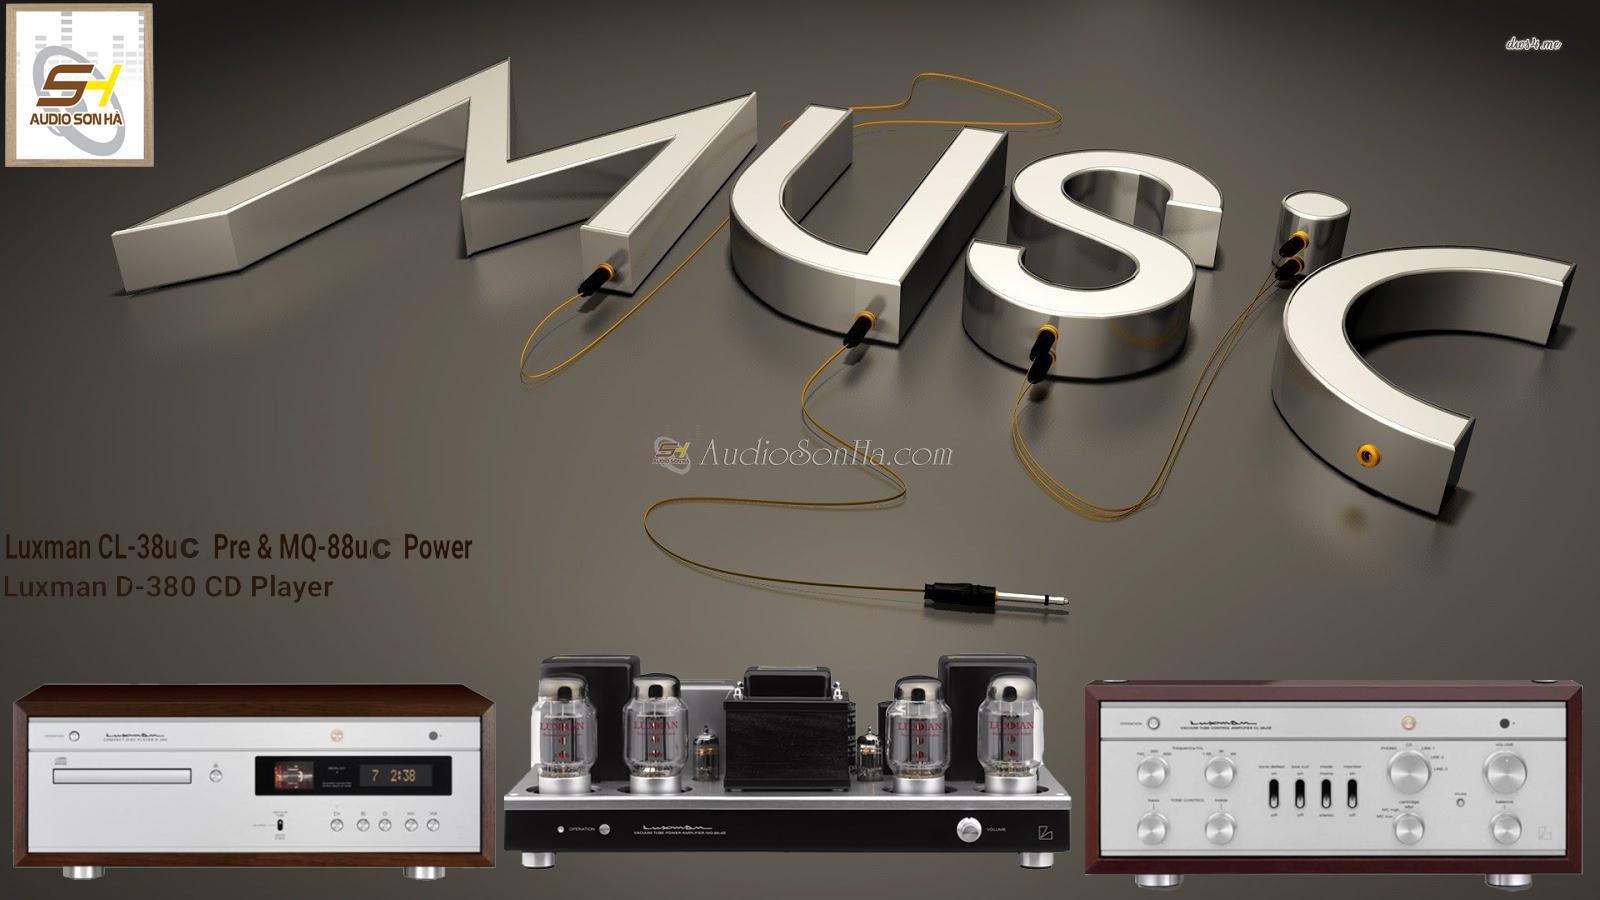 Hệ thống nghe nhạc Luxman CL-38 UC Pre / MQ -88UC Power/Luxman D - 380 CD Play